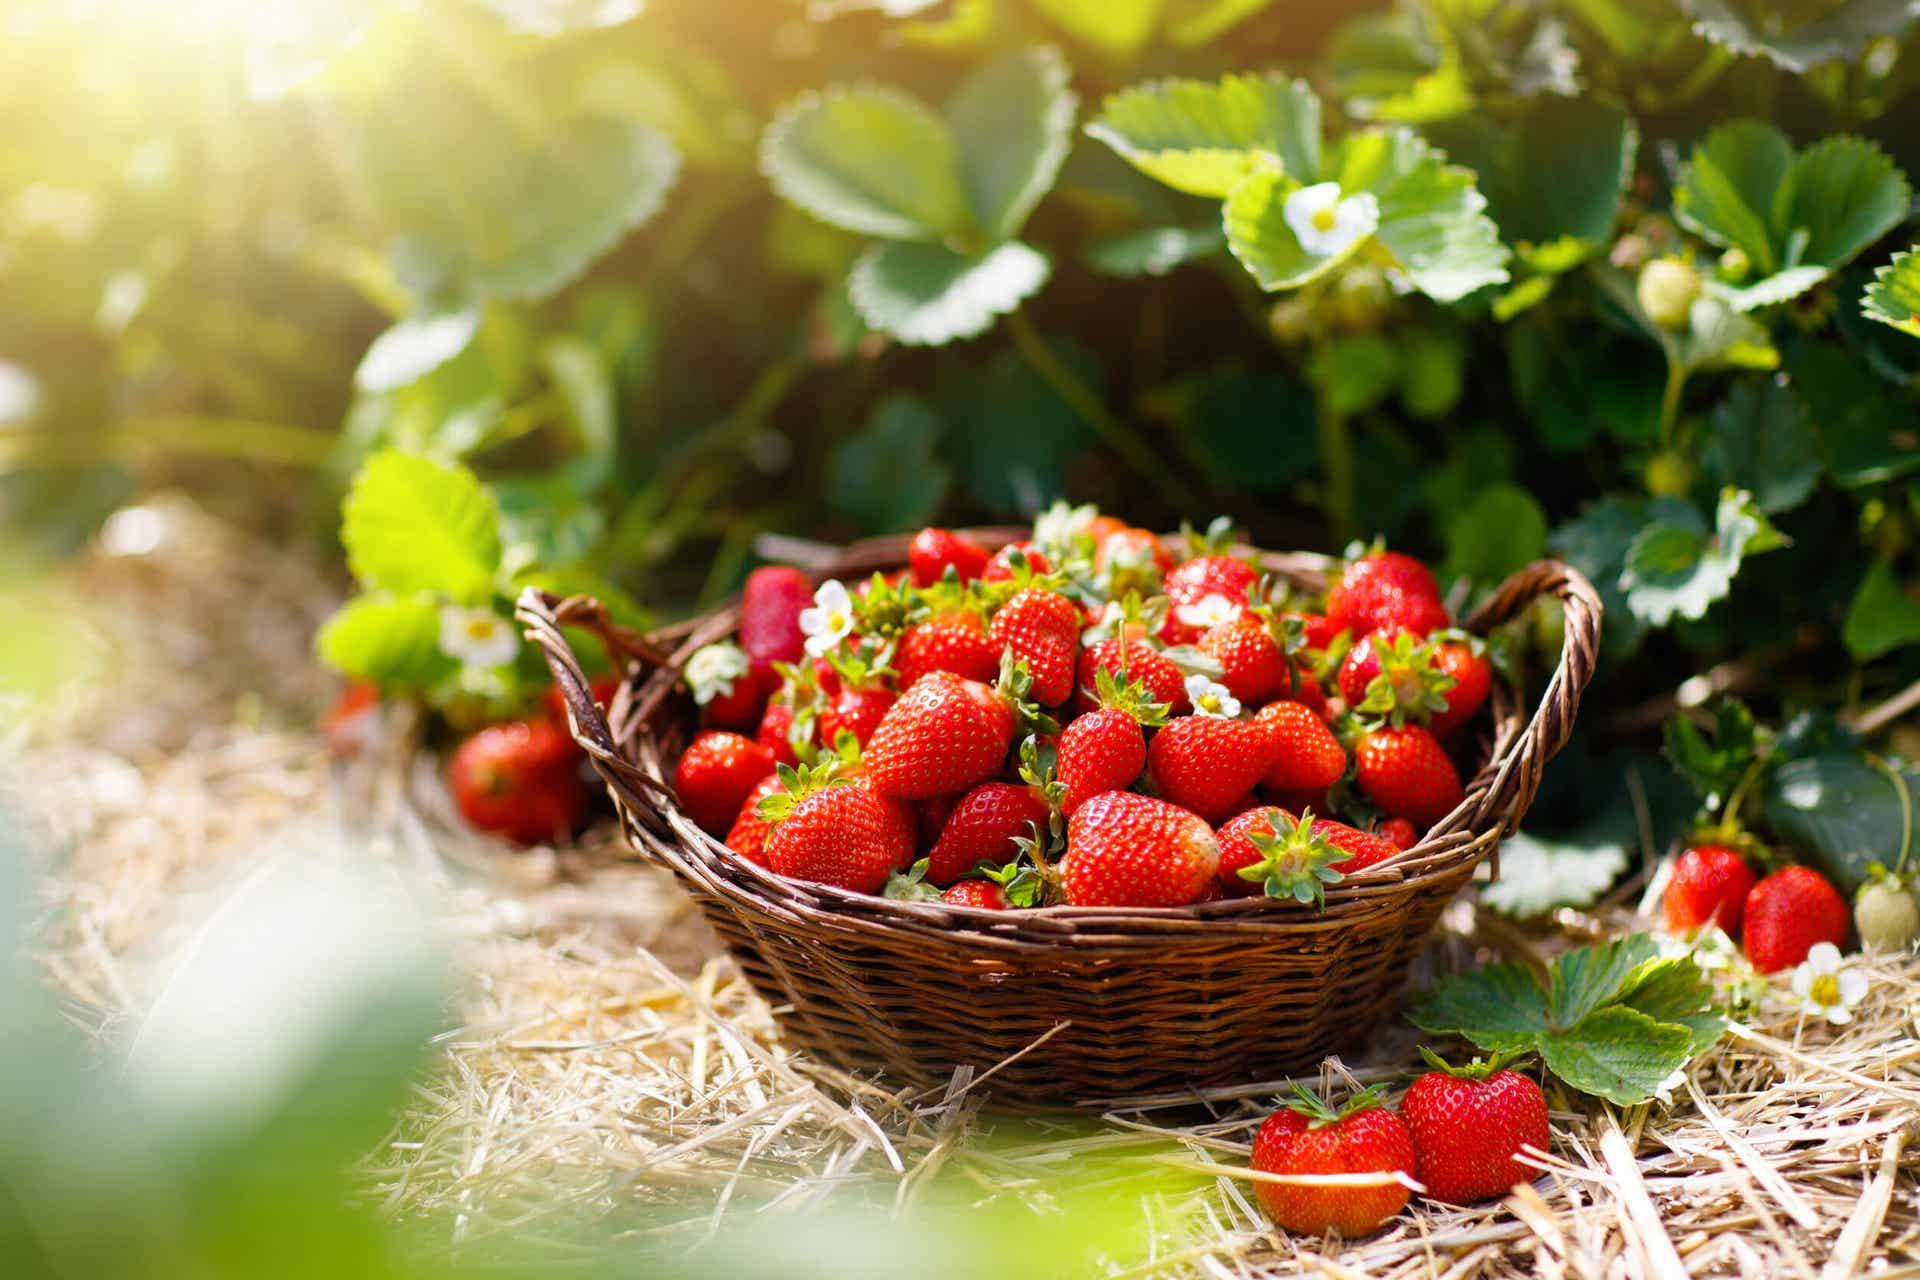 Freshly picked strawberries in a basket.